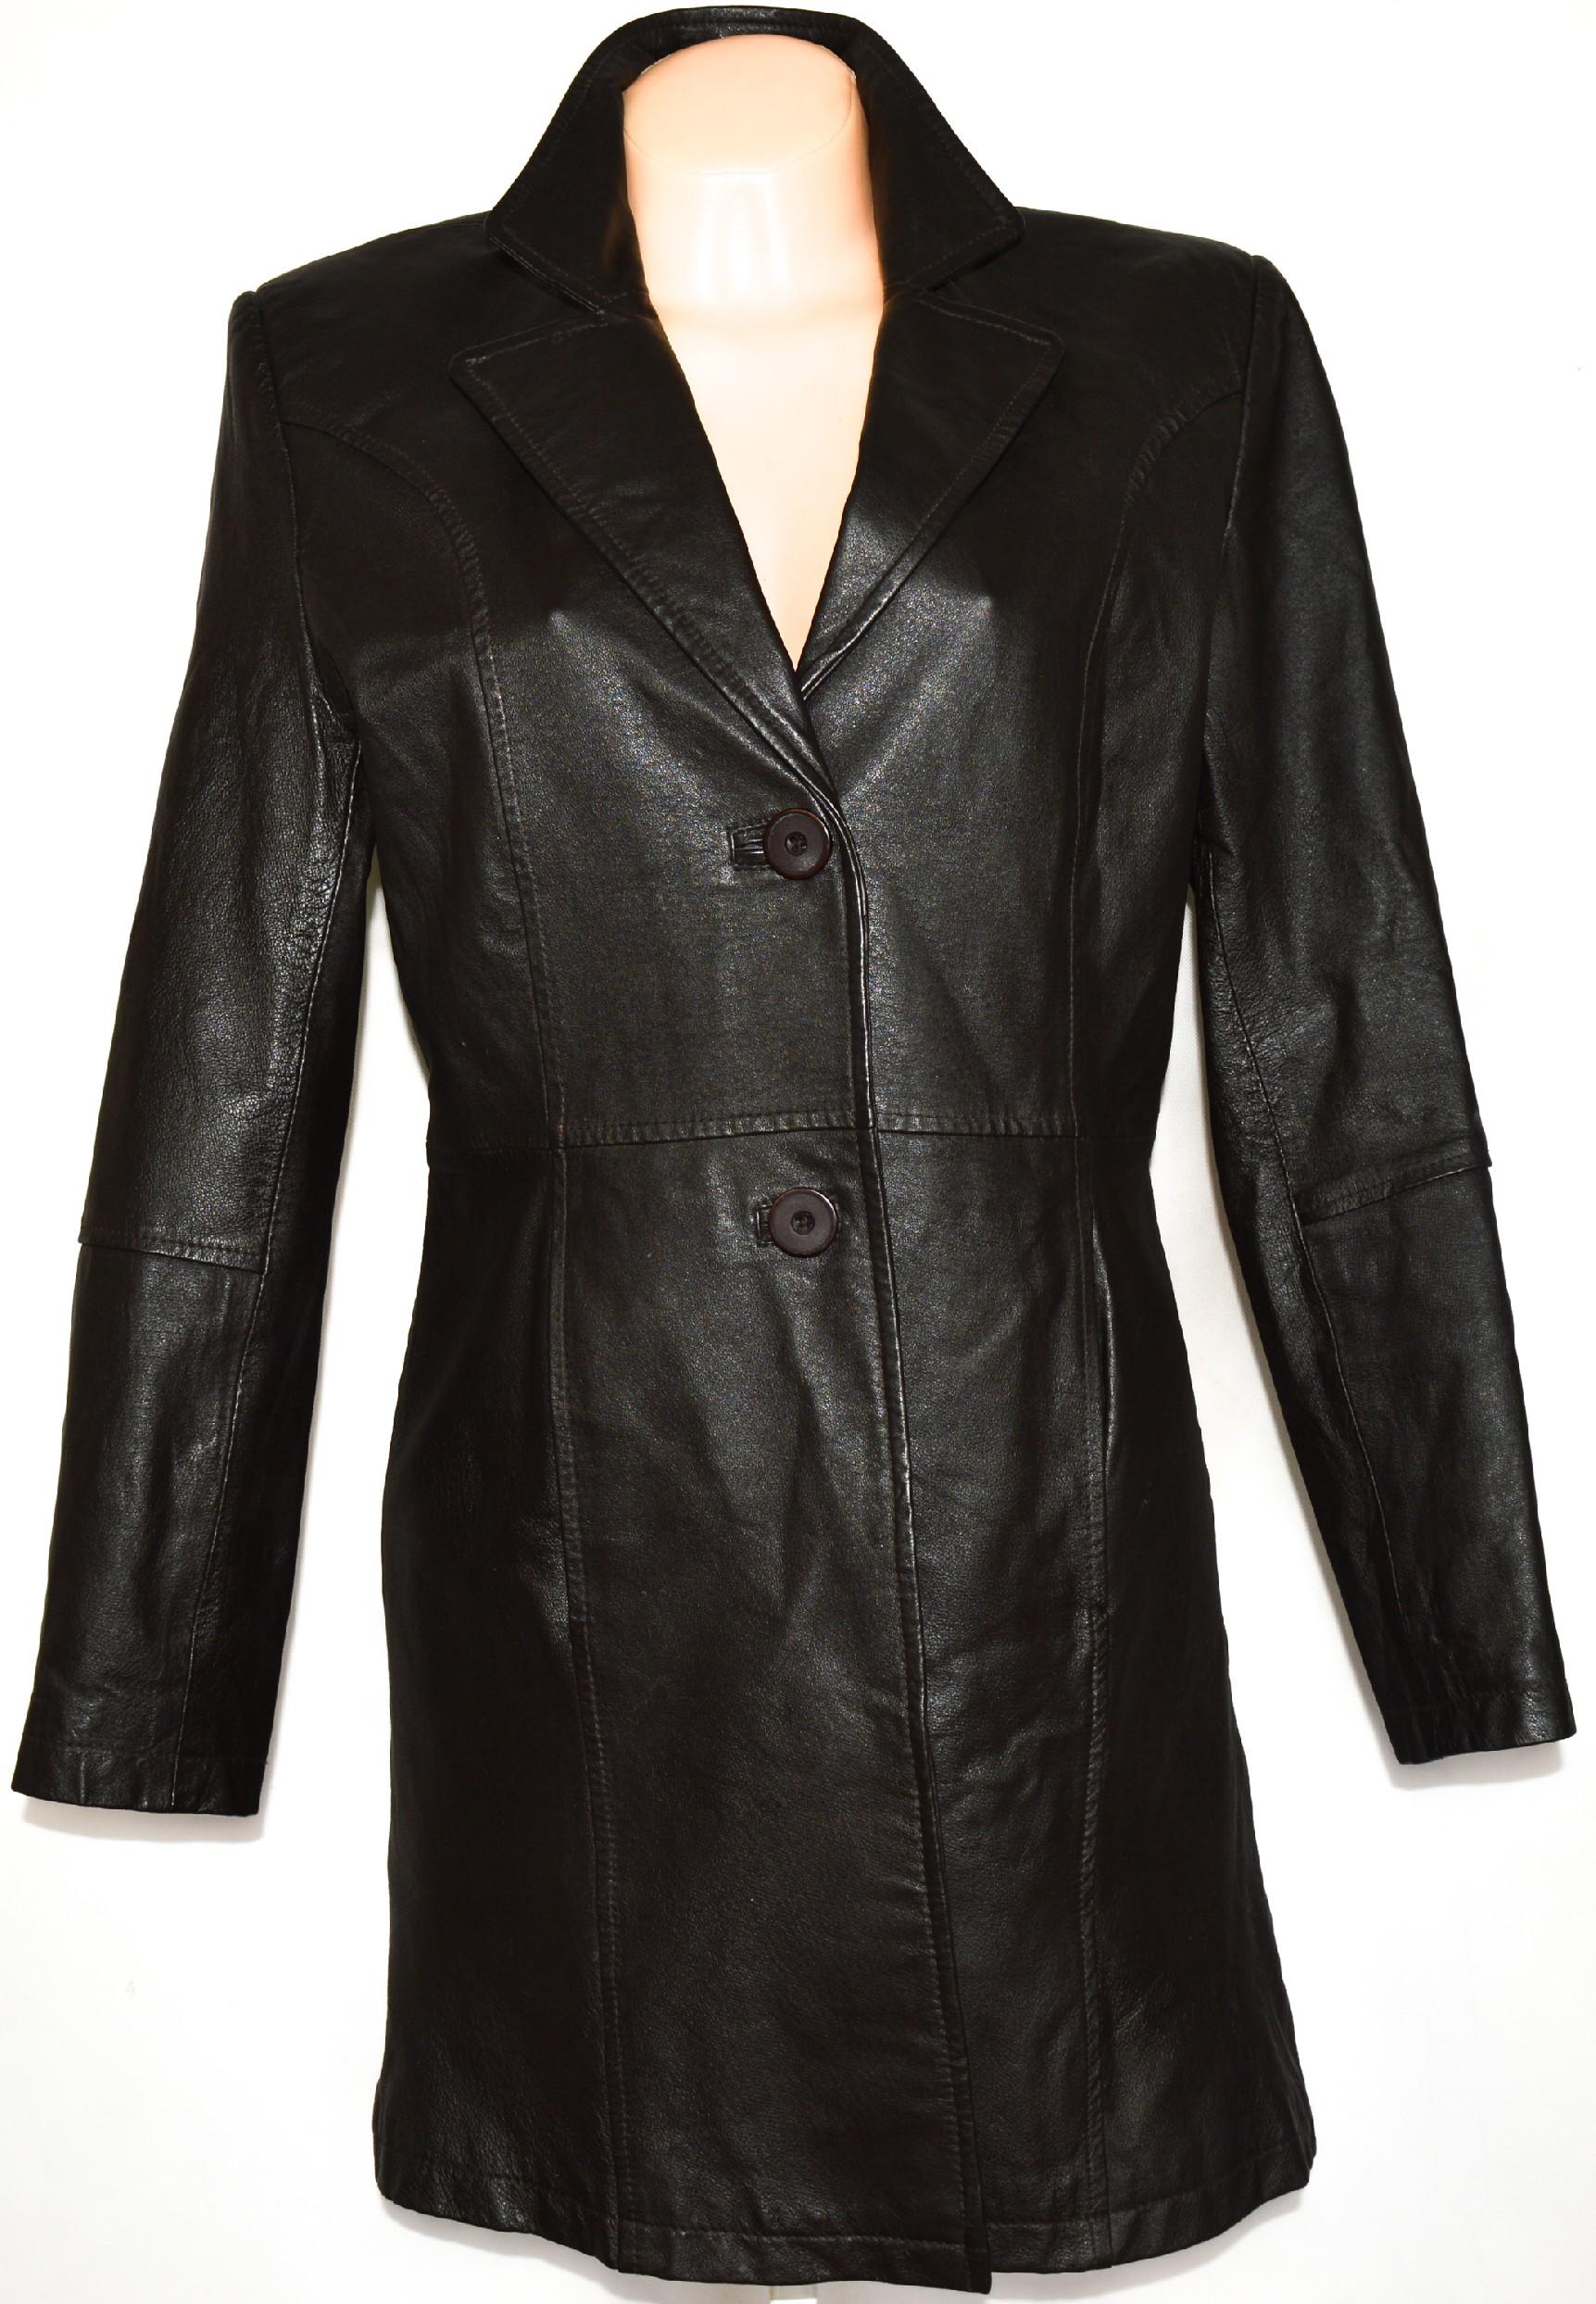 KOŽENÝ dámský hnědý kabát CERO XXL